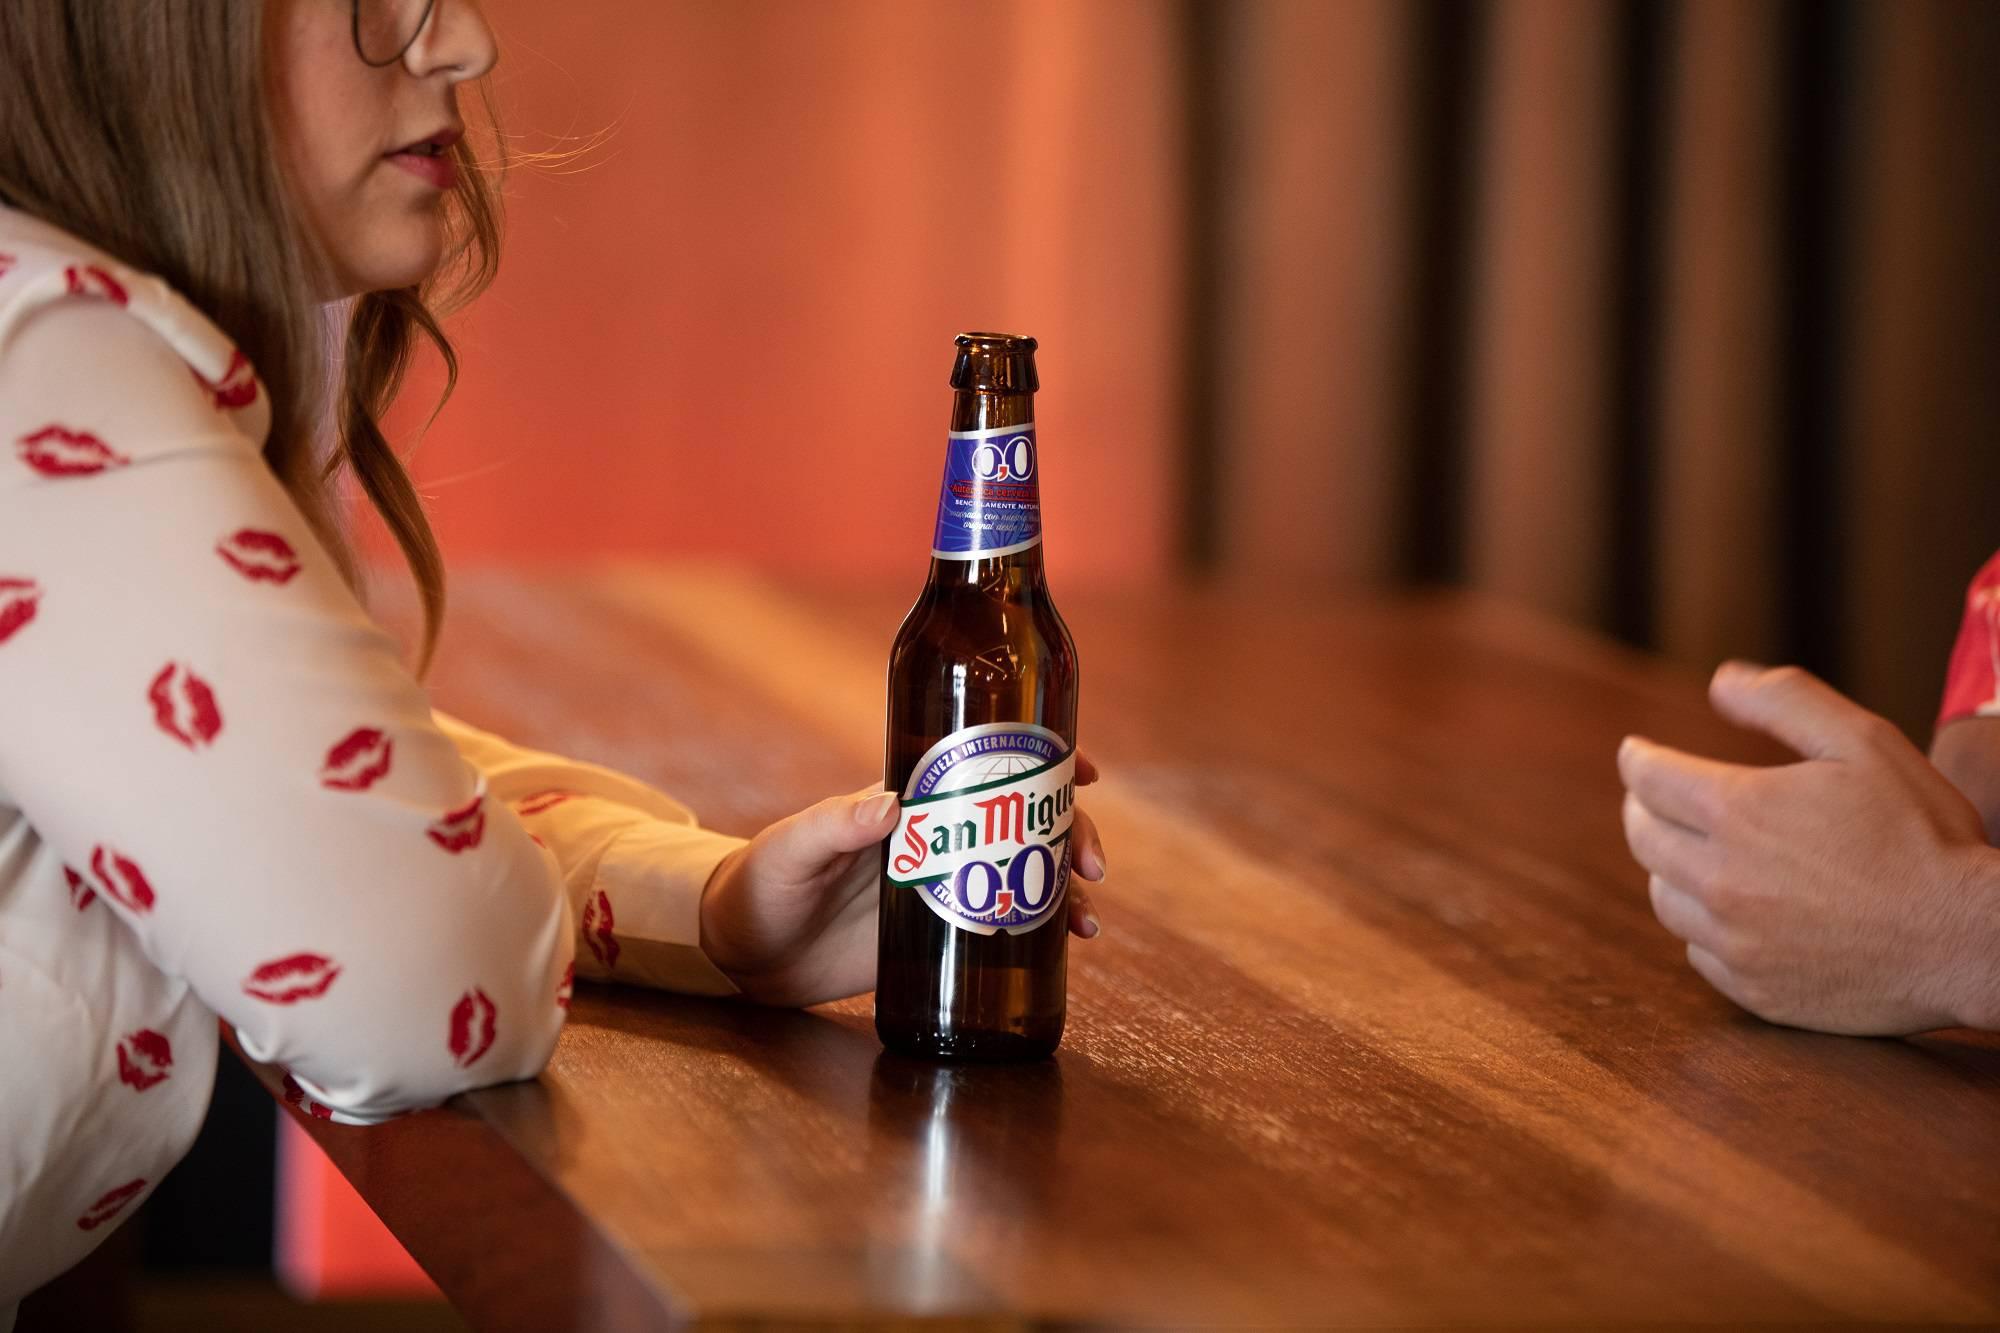 chicos bebiendo San Miguel 0,0